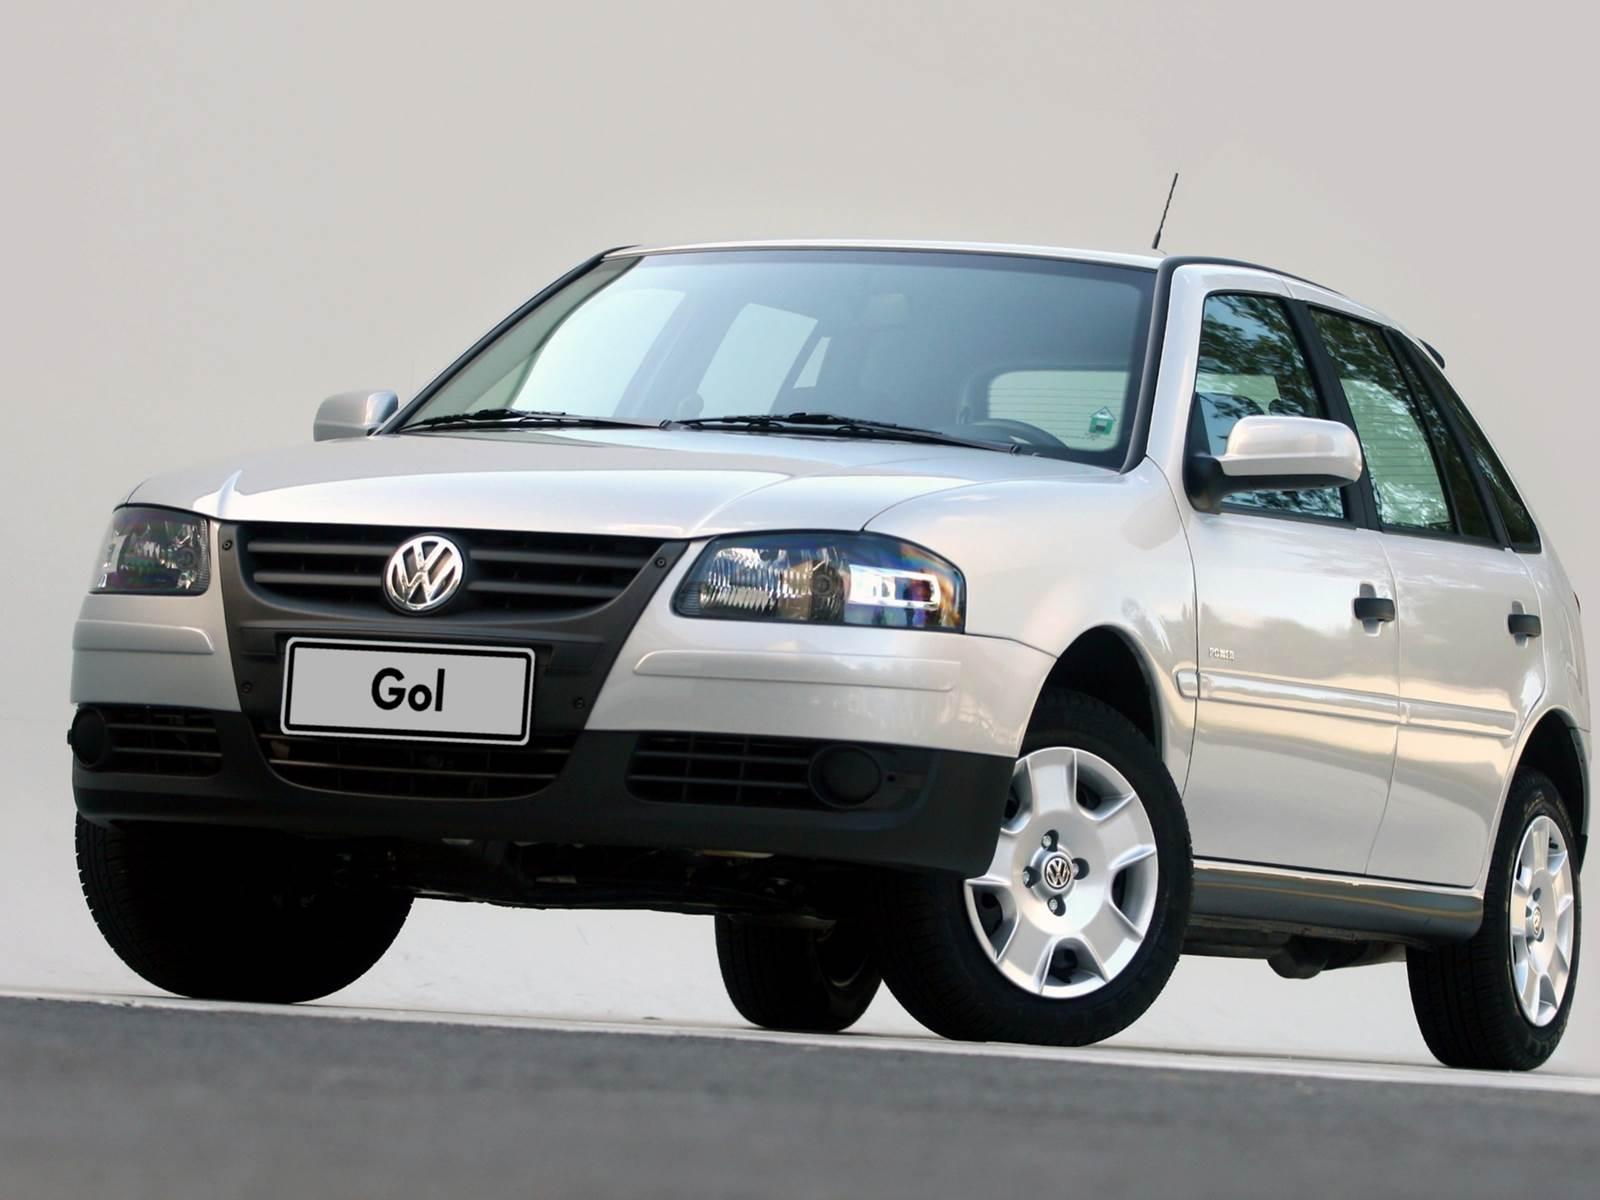 Foto: Car Blog/Reprodução